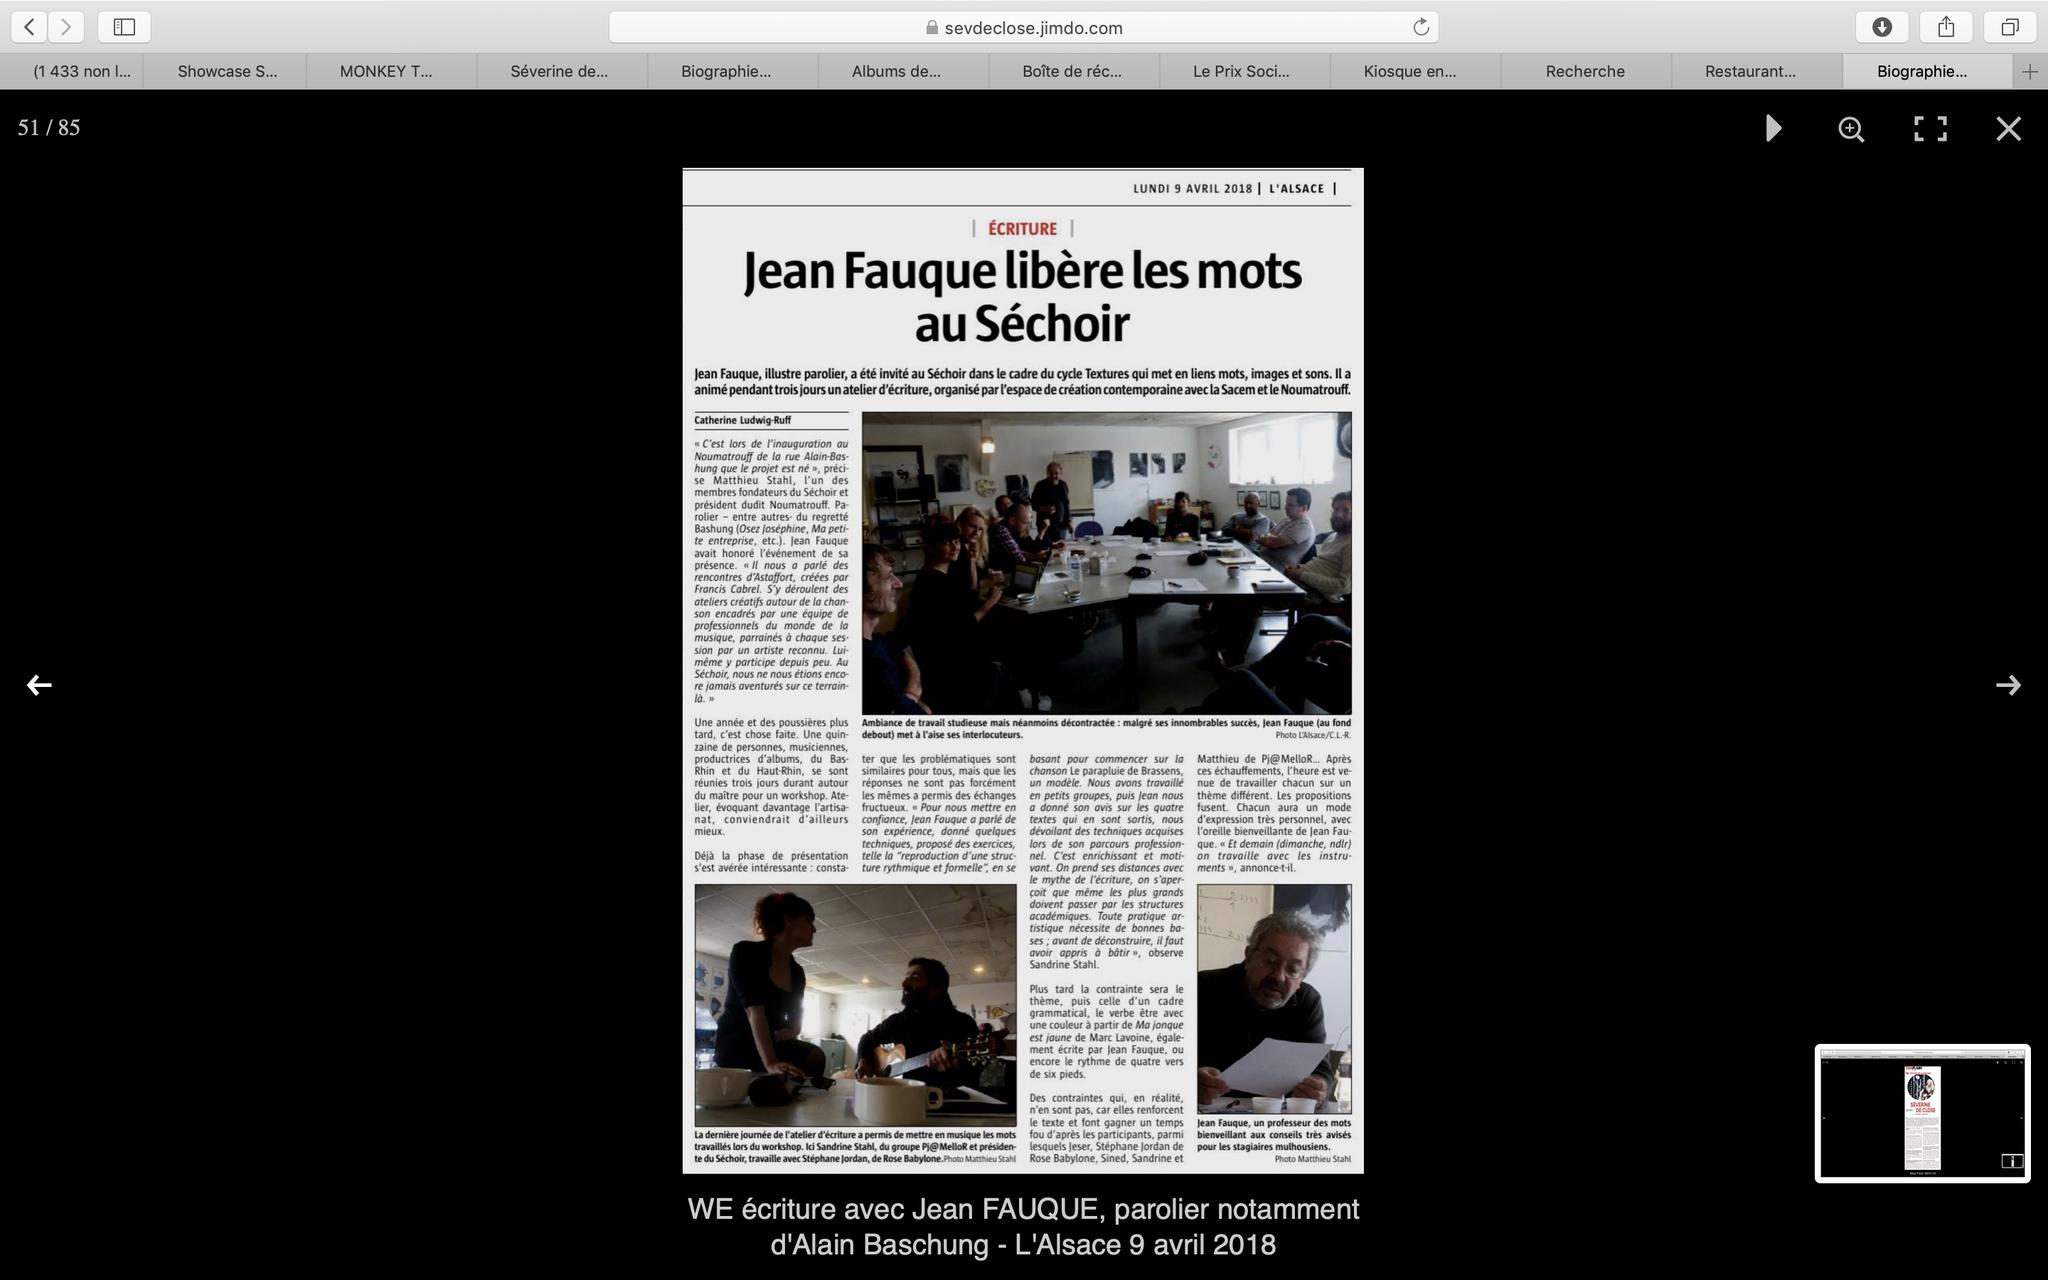 WE écriture avec Jean FAUQUE, parolier notamment d'Alain Baschung - L'Alsace